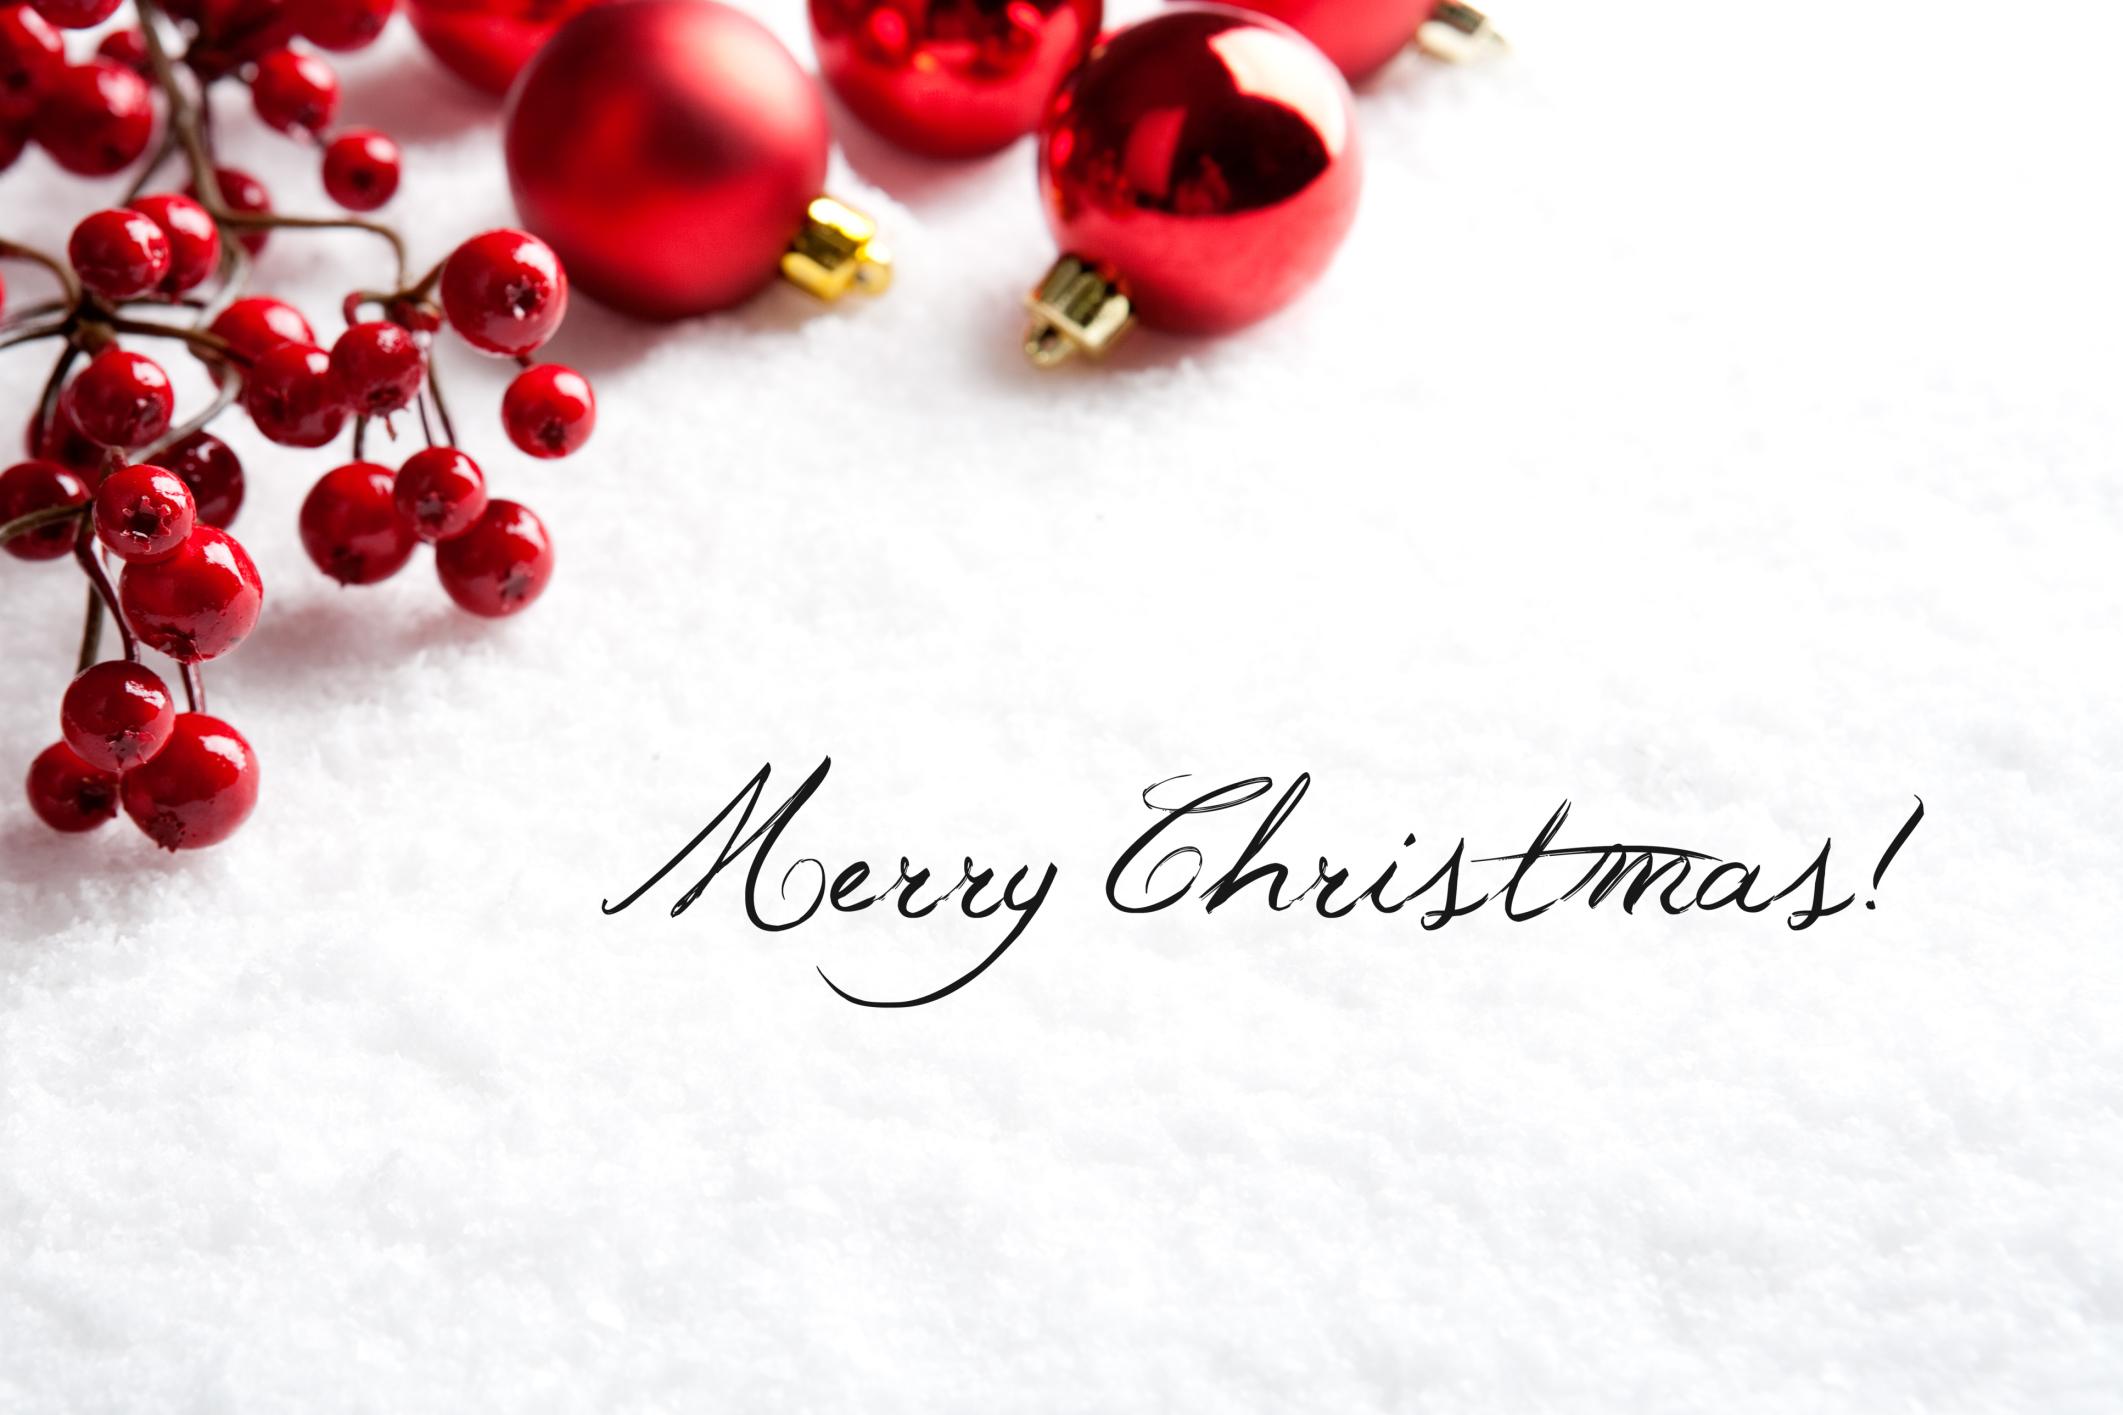 Auguri Di Natale On Tumblr.Immagini Buon Natale Tumblr Disegni Di Natale 2019